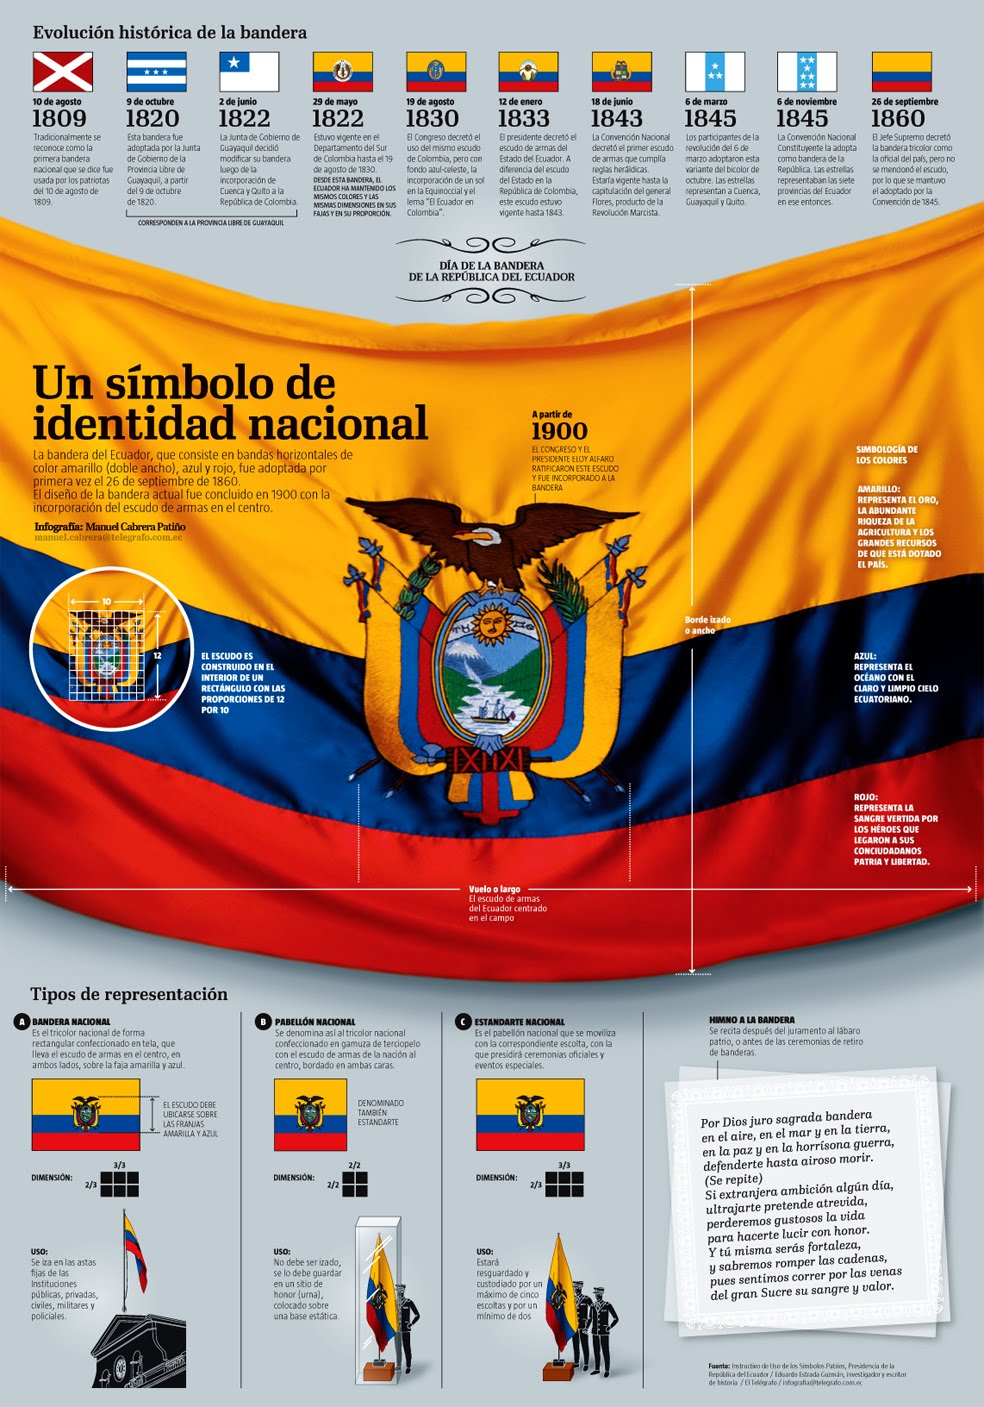 significado de la bandera y el escudo de ecuador